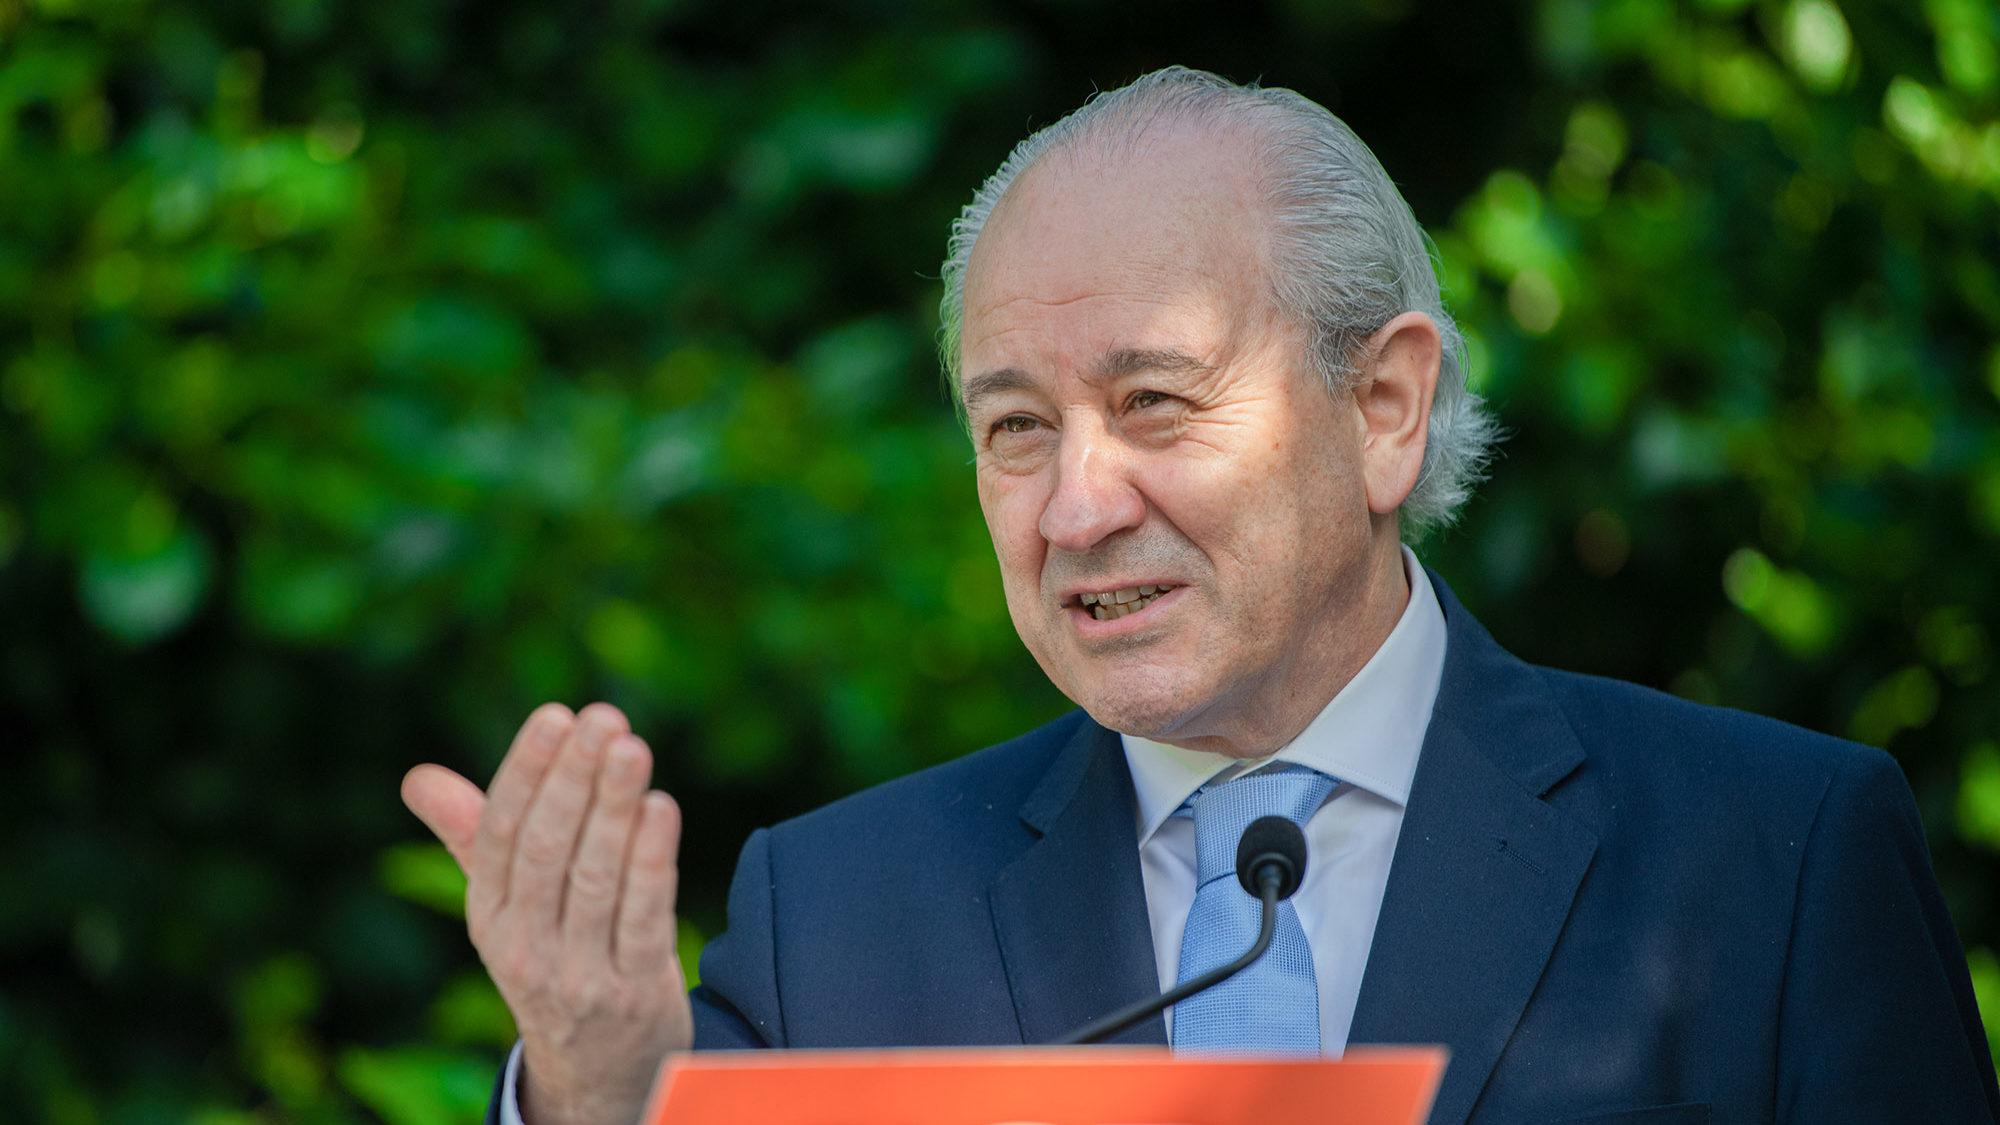 Rui Rio sugere mediação de Marcelo Rebelo de Sousa caso a do Governo falhe